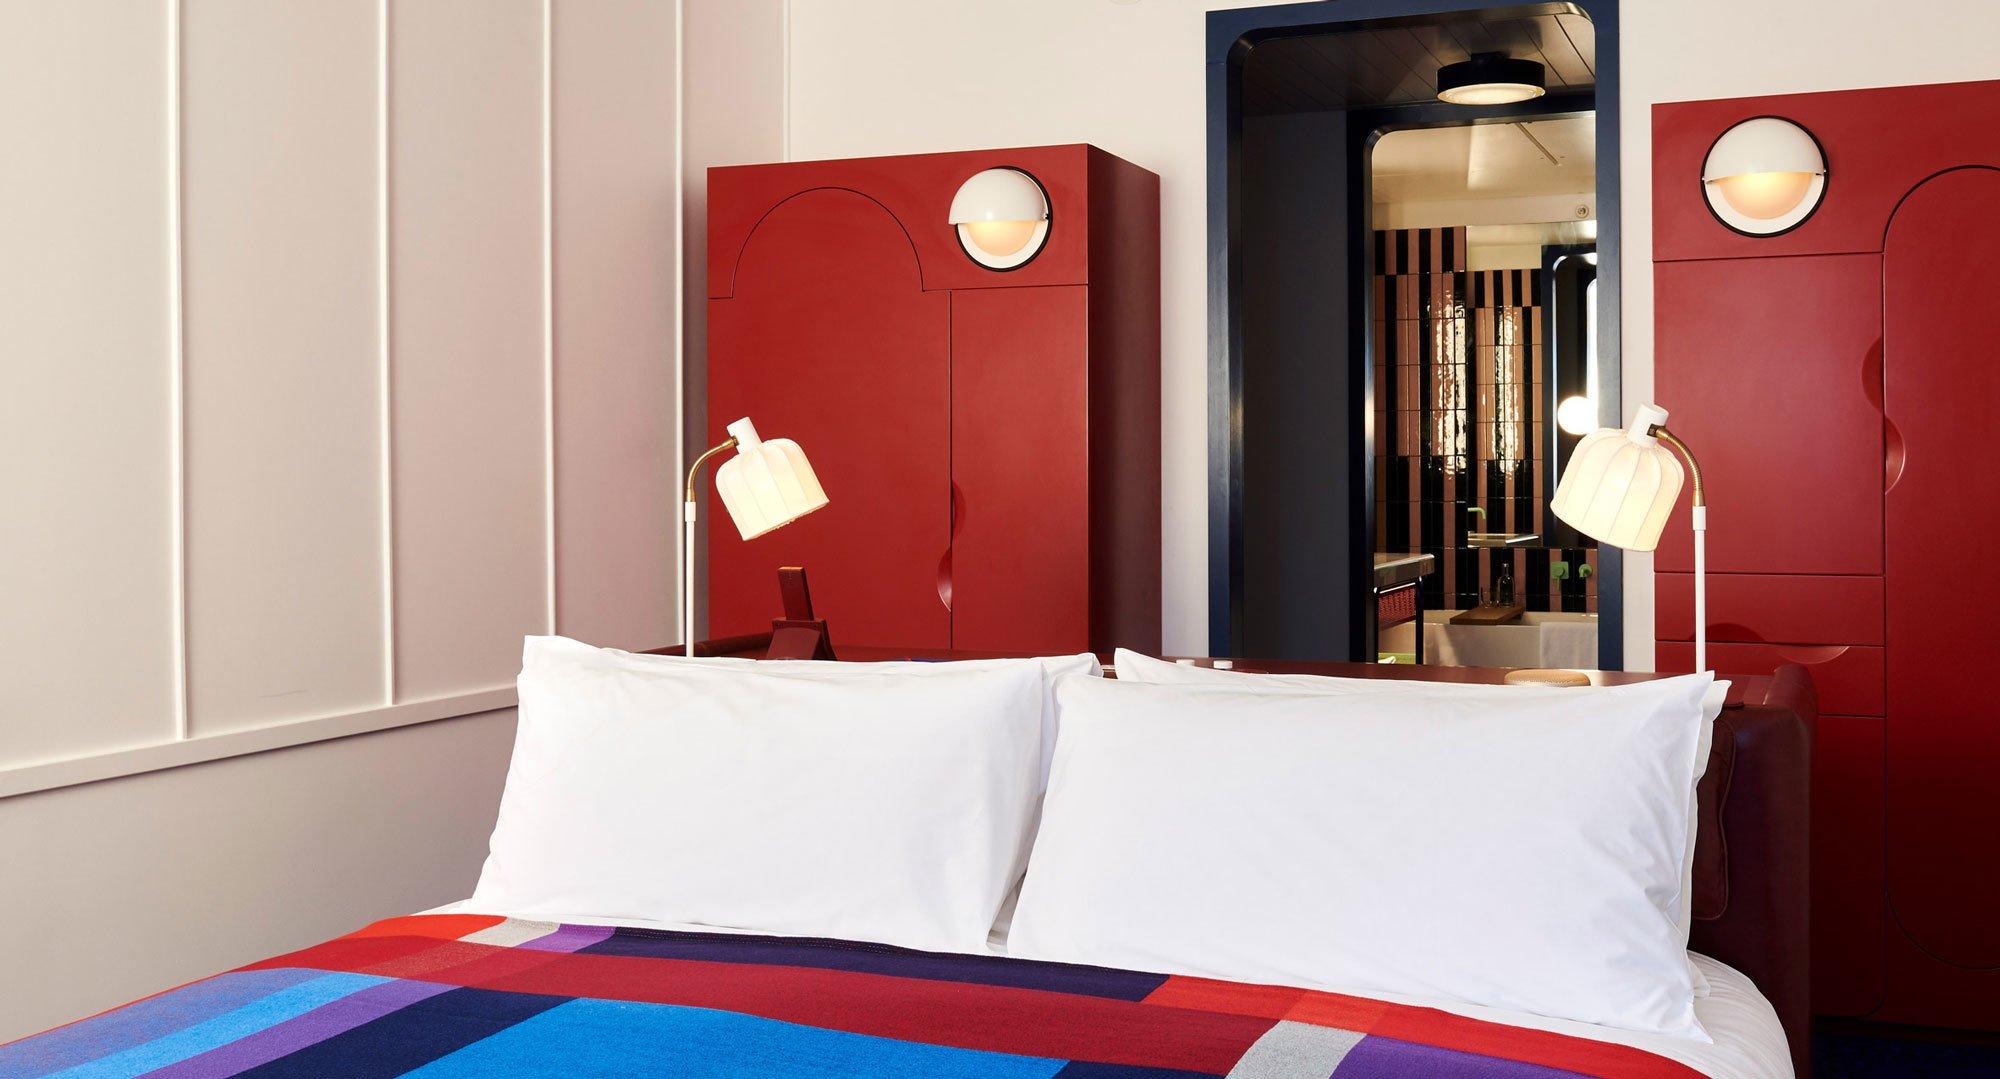 Das Londoner Standard Hotel schickt seine Gäste auf eine Zeitreise zurück in die Siebzigerjahre – bis hin zu den Bädern, ausgestattet mit Produkten von Bette. (Foto: The Standard)